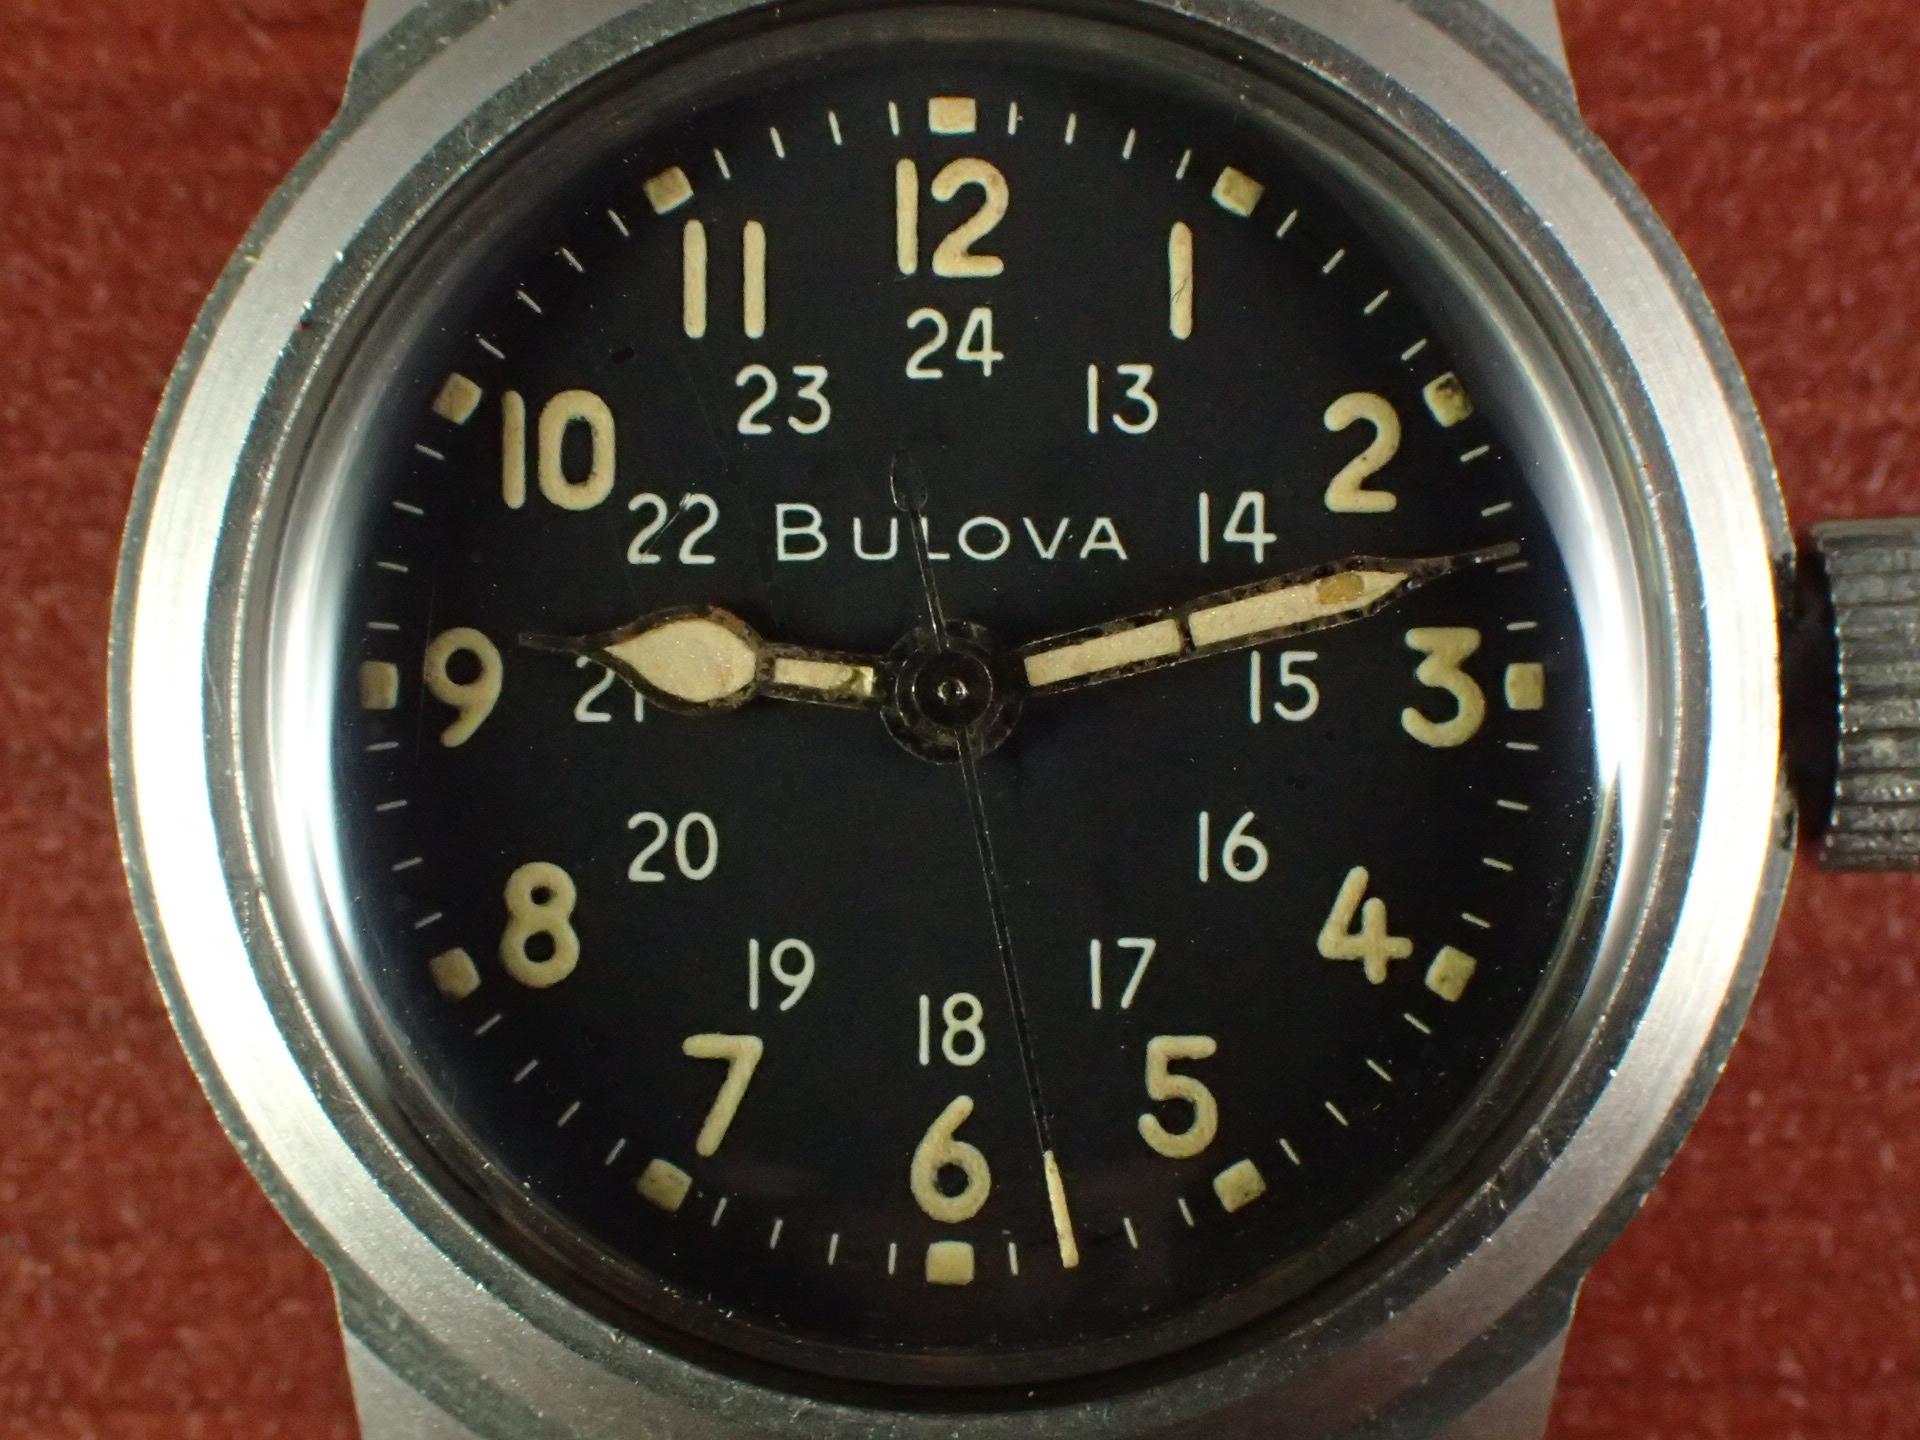 ブローバ アメリカ軍 MIL-W-3818A 1960年代の写真2枚目